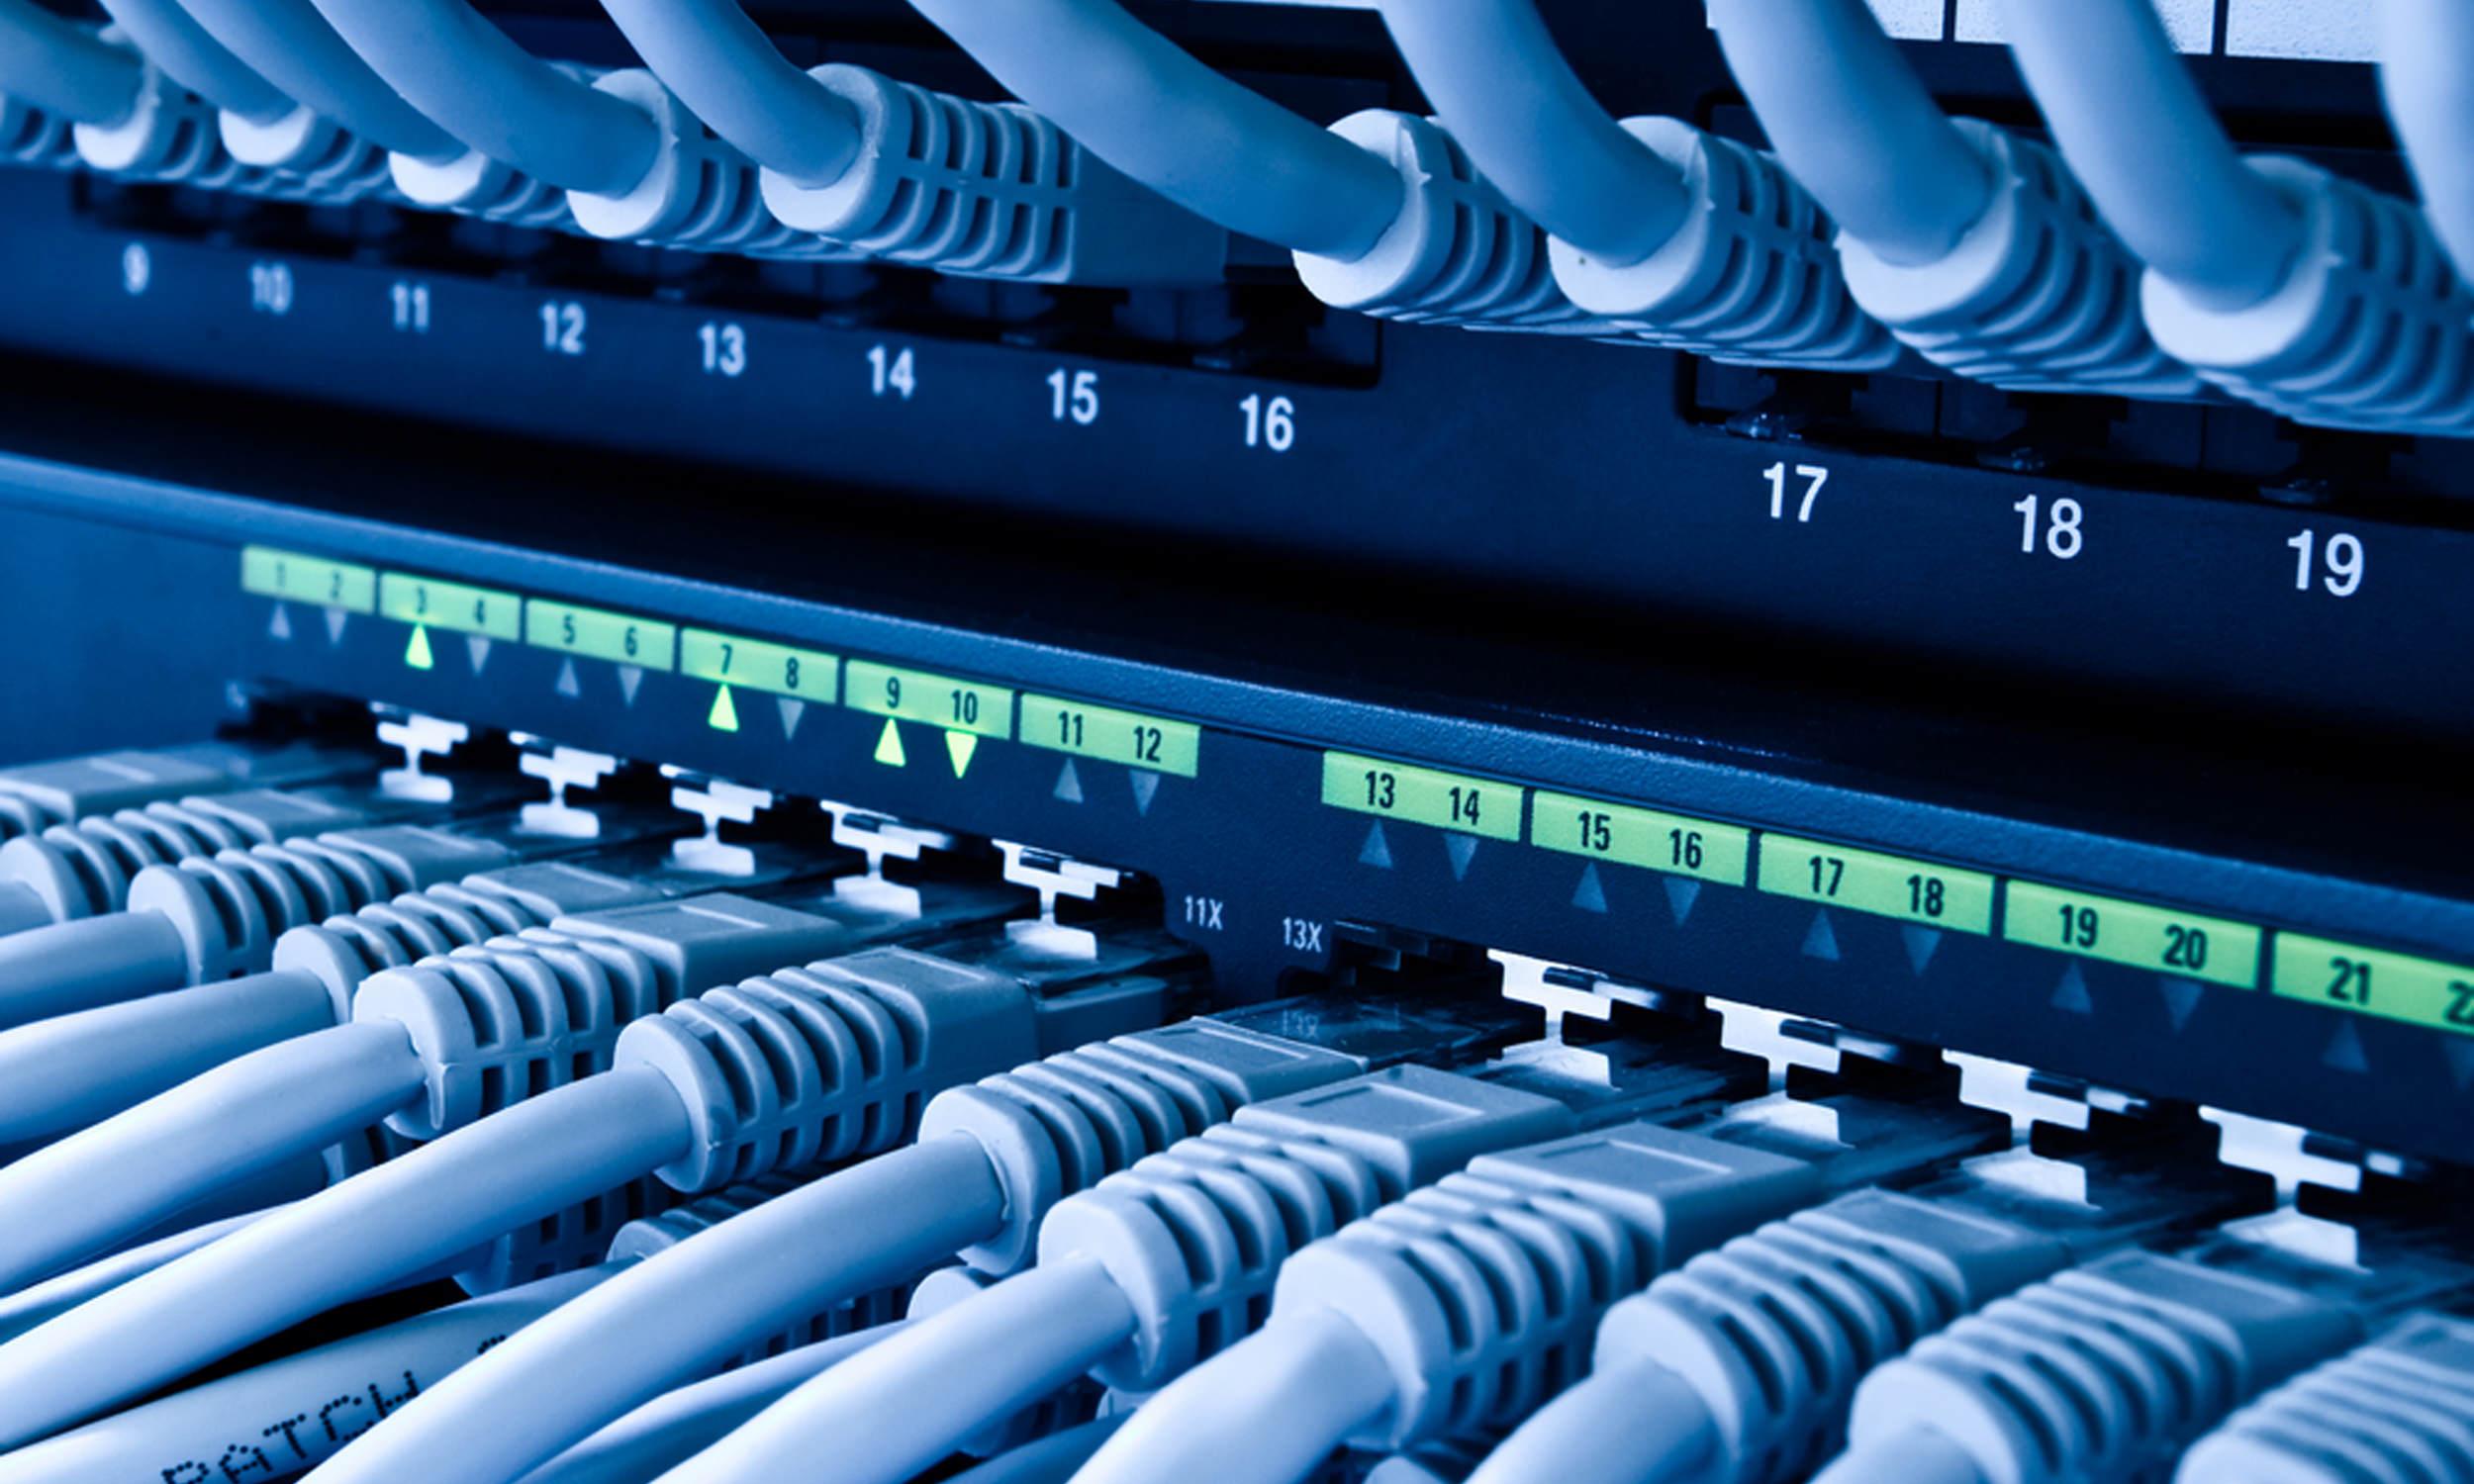 Leistungen: Alles rund um Computer, Telefonanlagen, Netzwerke und Hausautomation